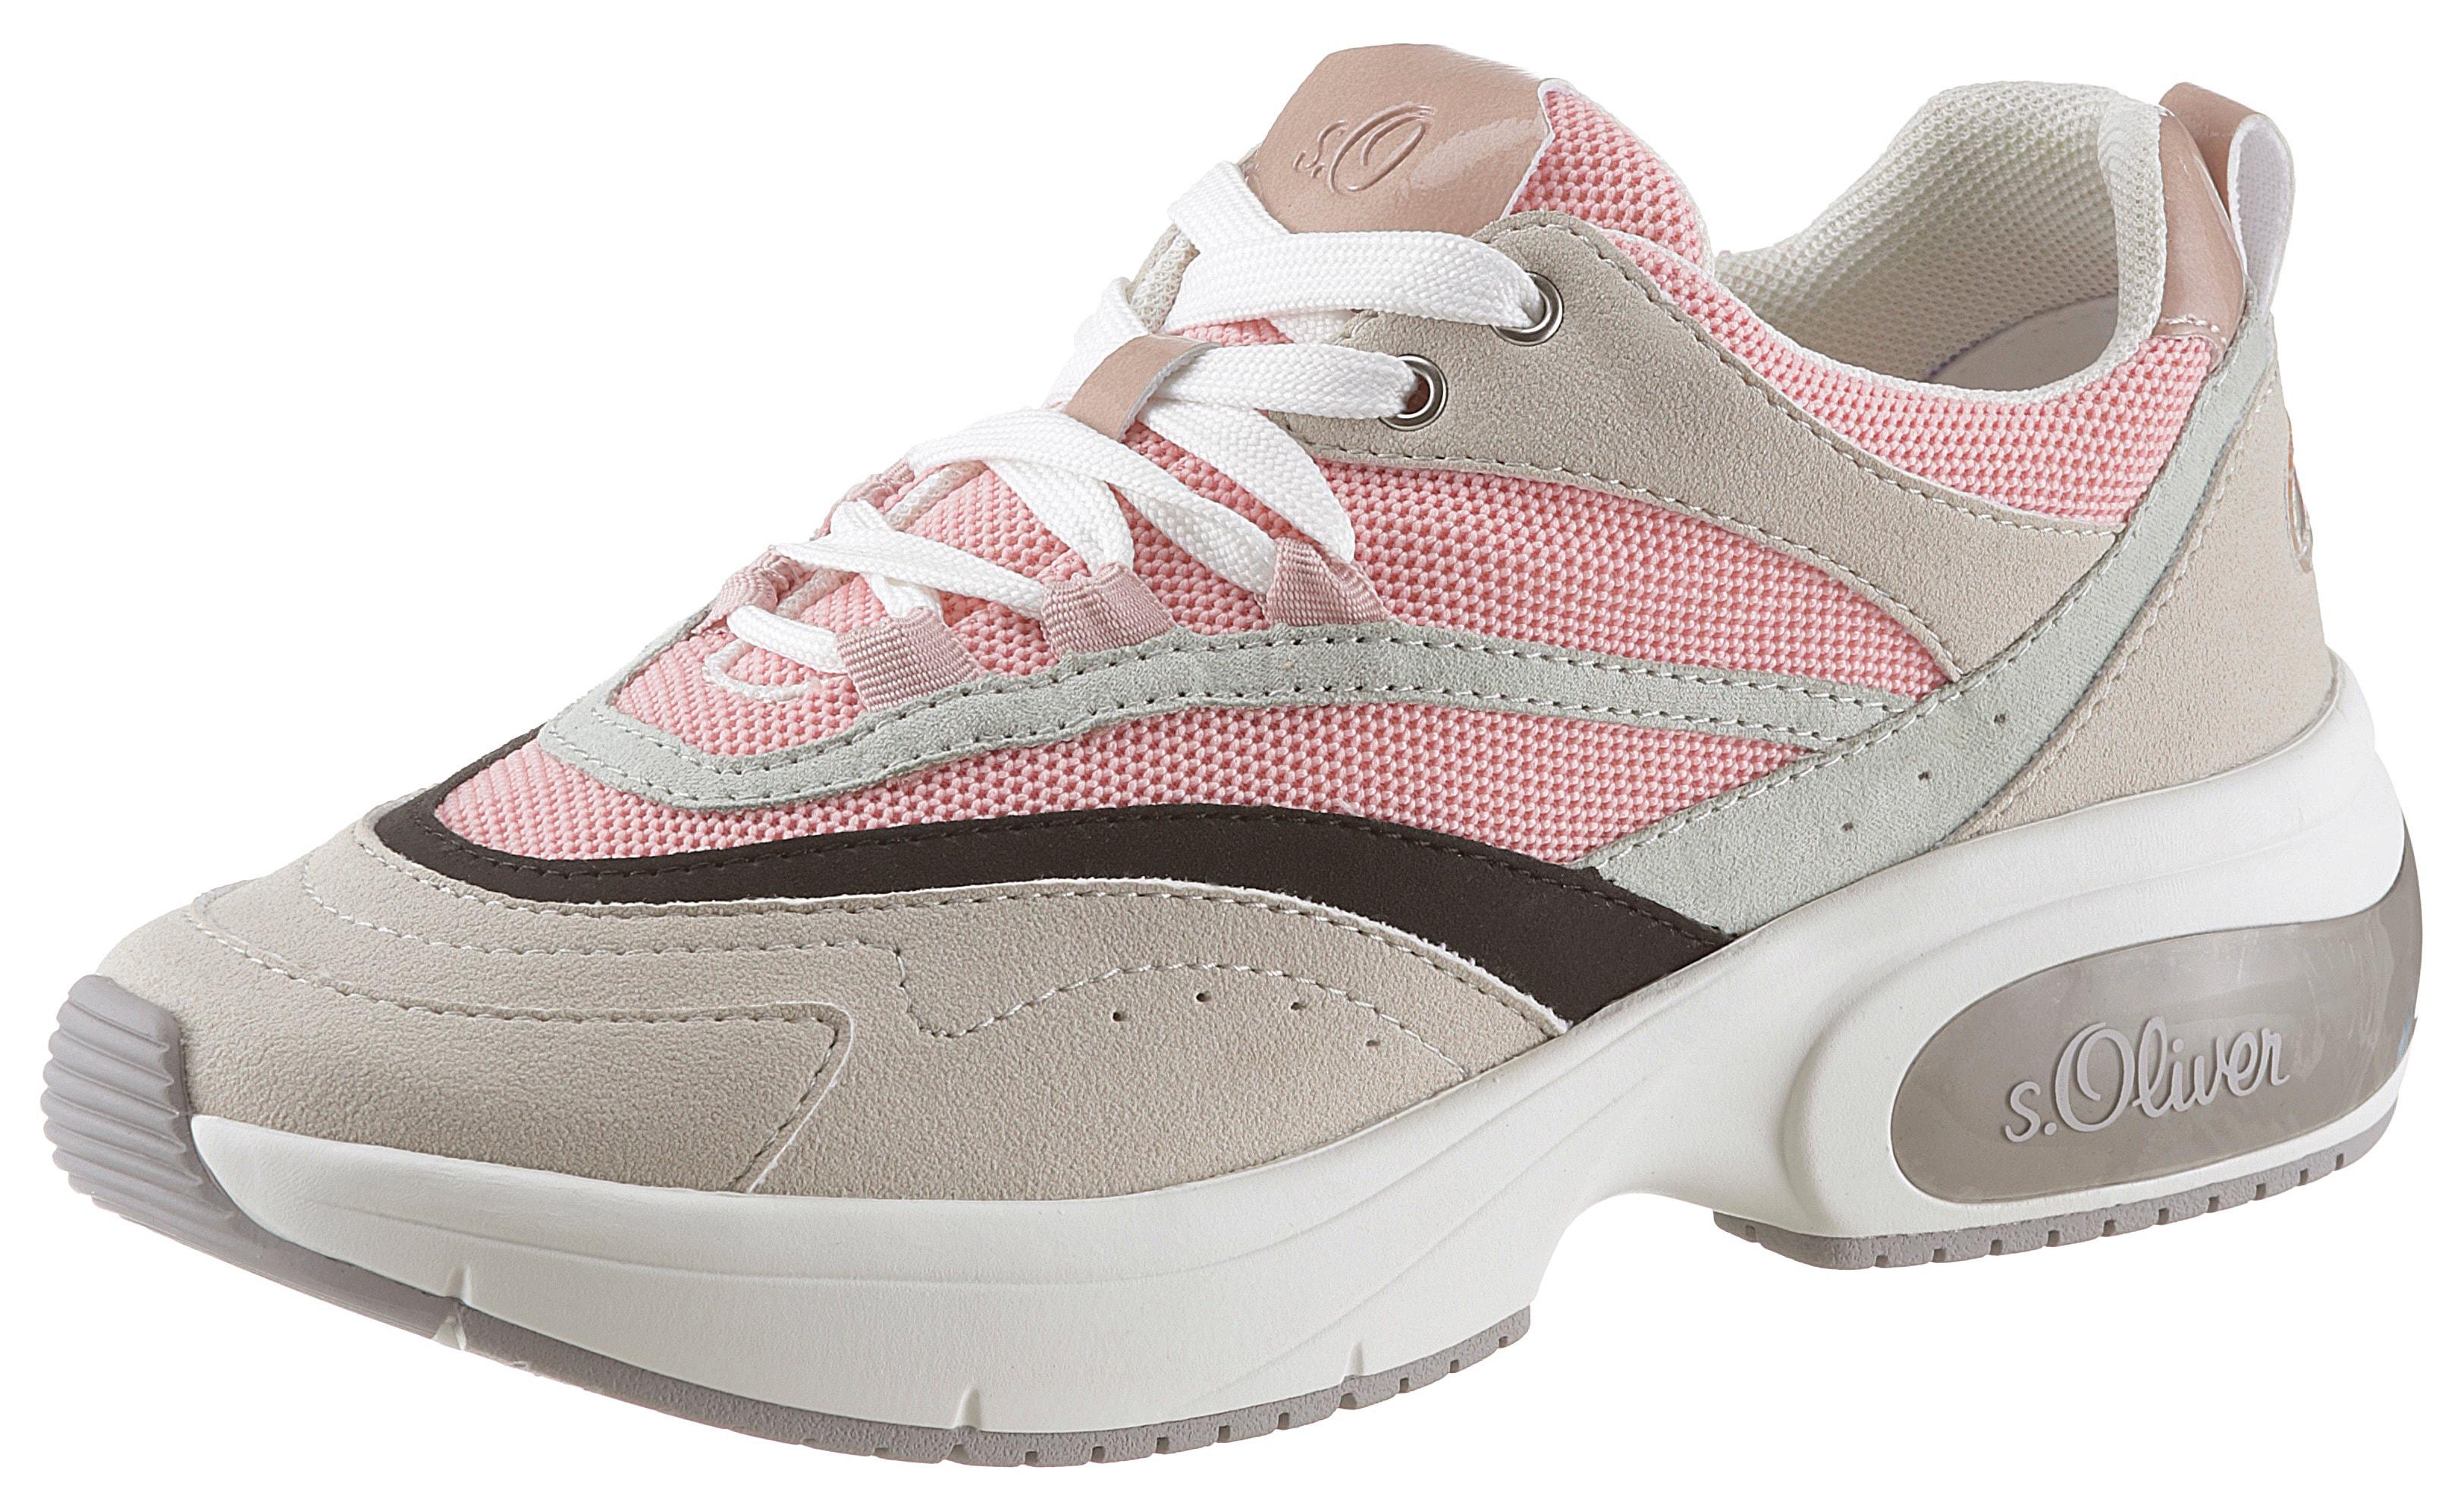 s.oliver - sOliver Wedgesneaker